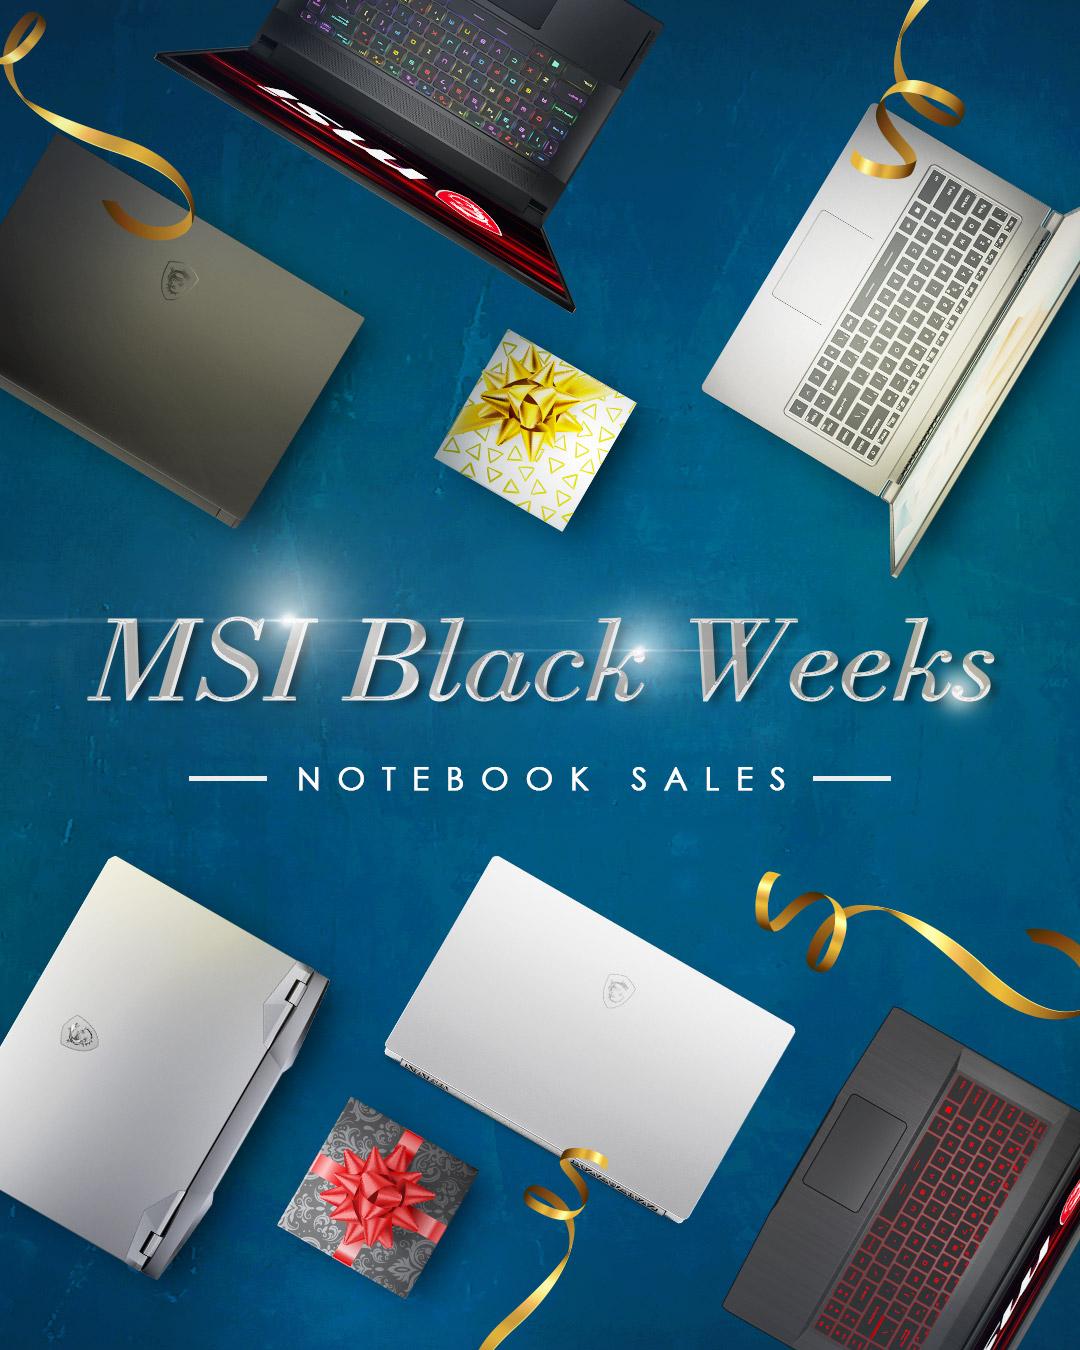 MSI Black weeks!